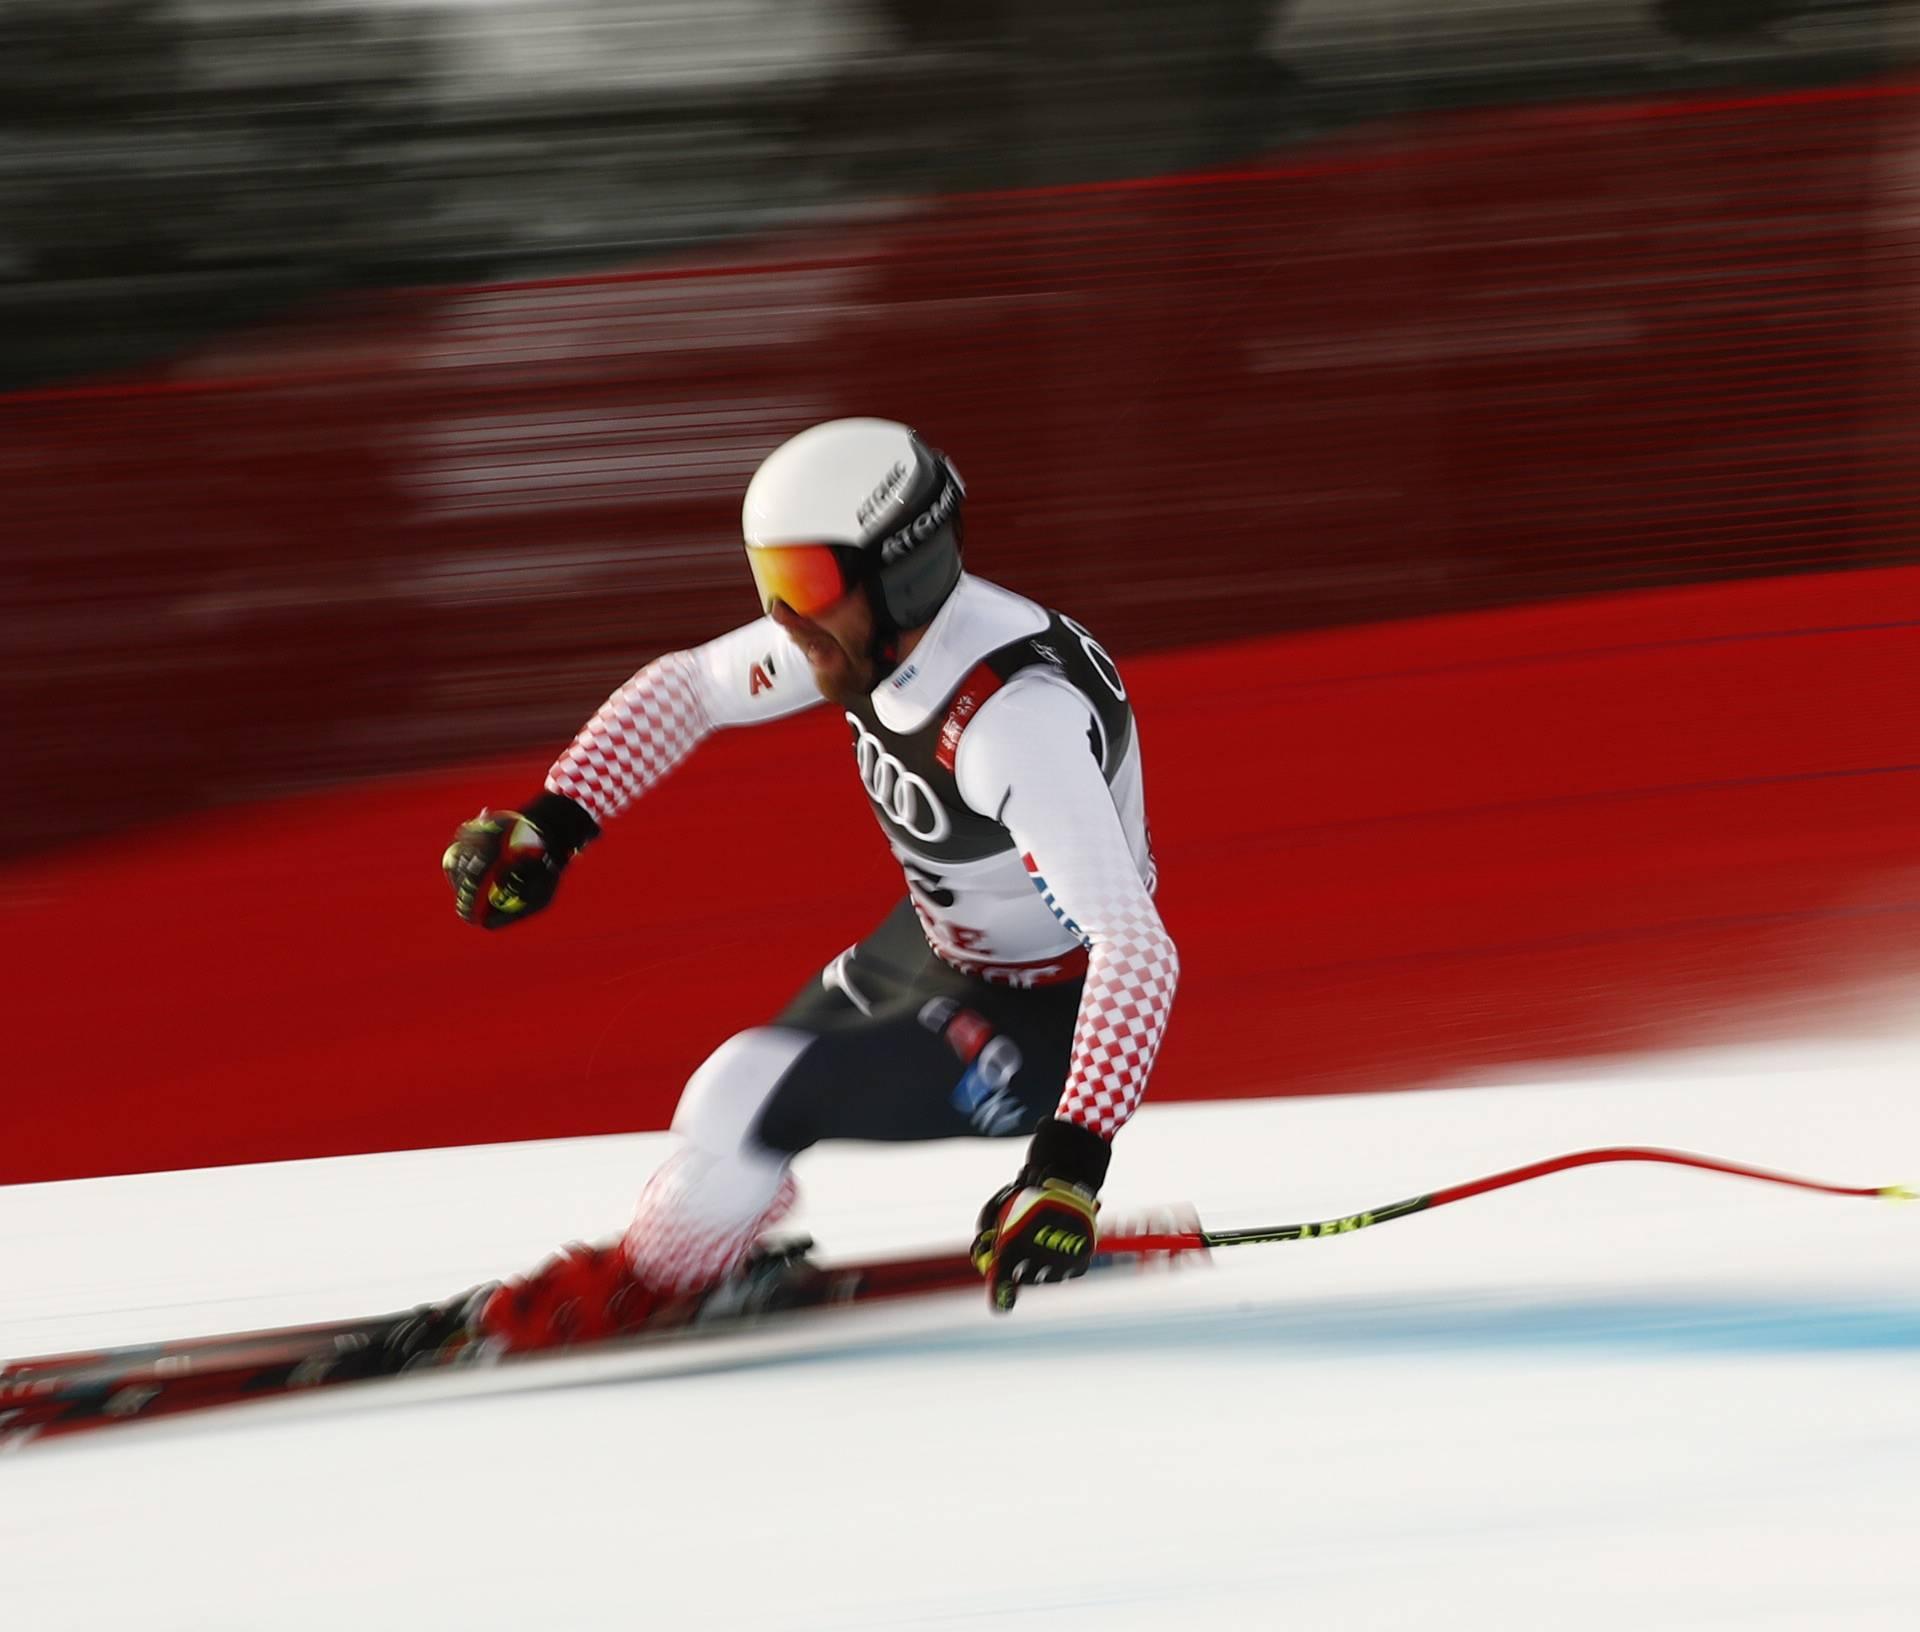 Alpine Skiing - FIS Alpine World Ski Championships - Men's Super G